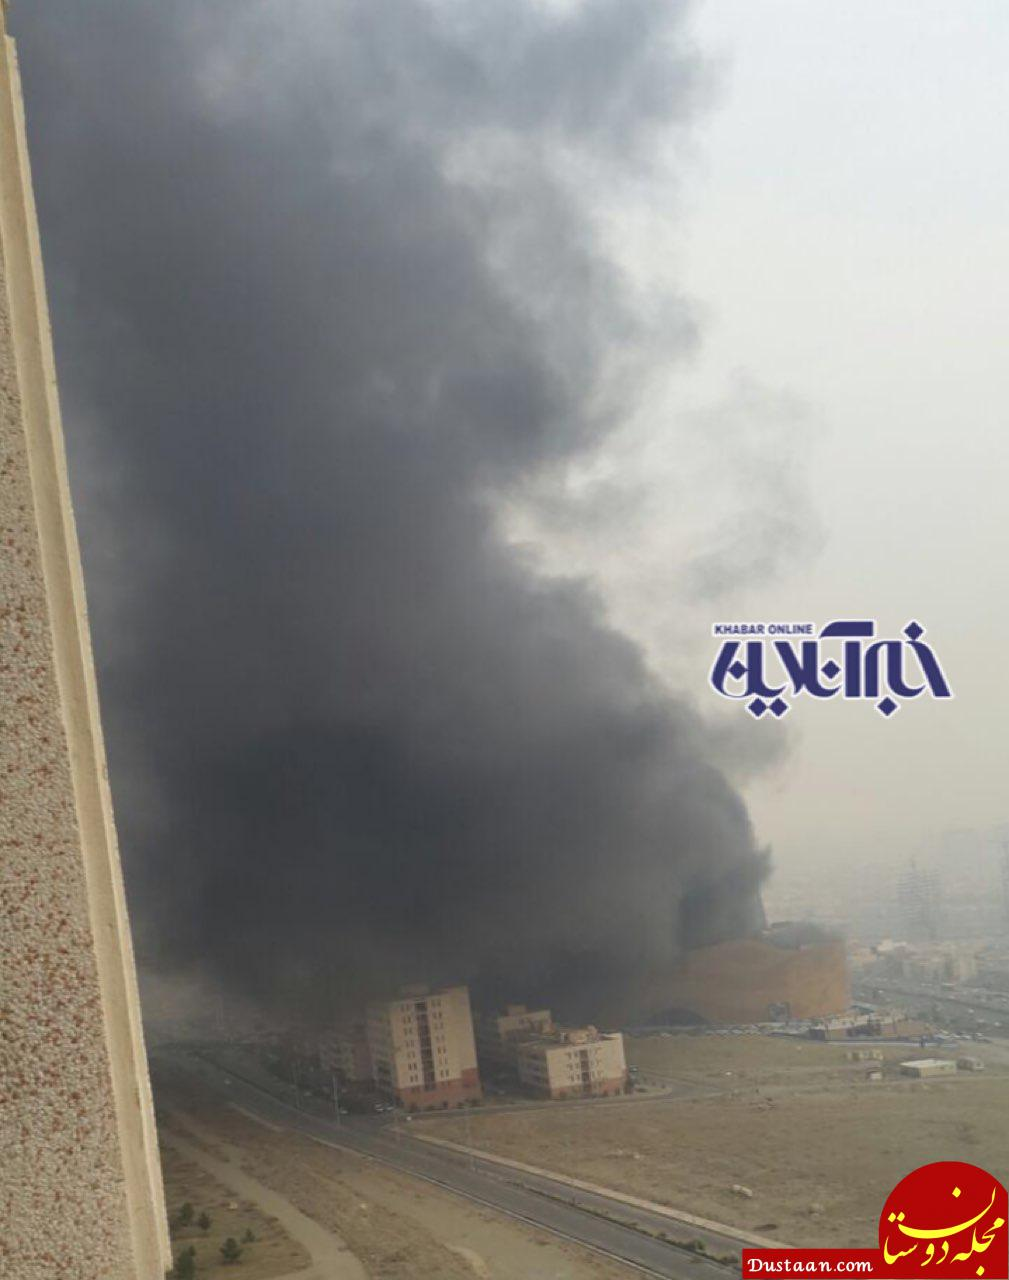 www.dustaan.com 50 نفر در آتش  سوزی, در  مجموعه,  رزمال,  گرفتار, شده اند